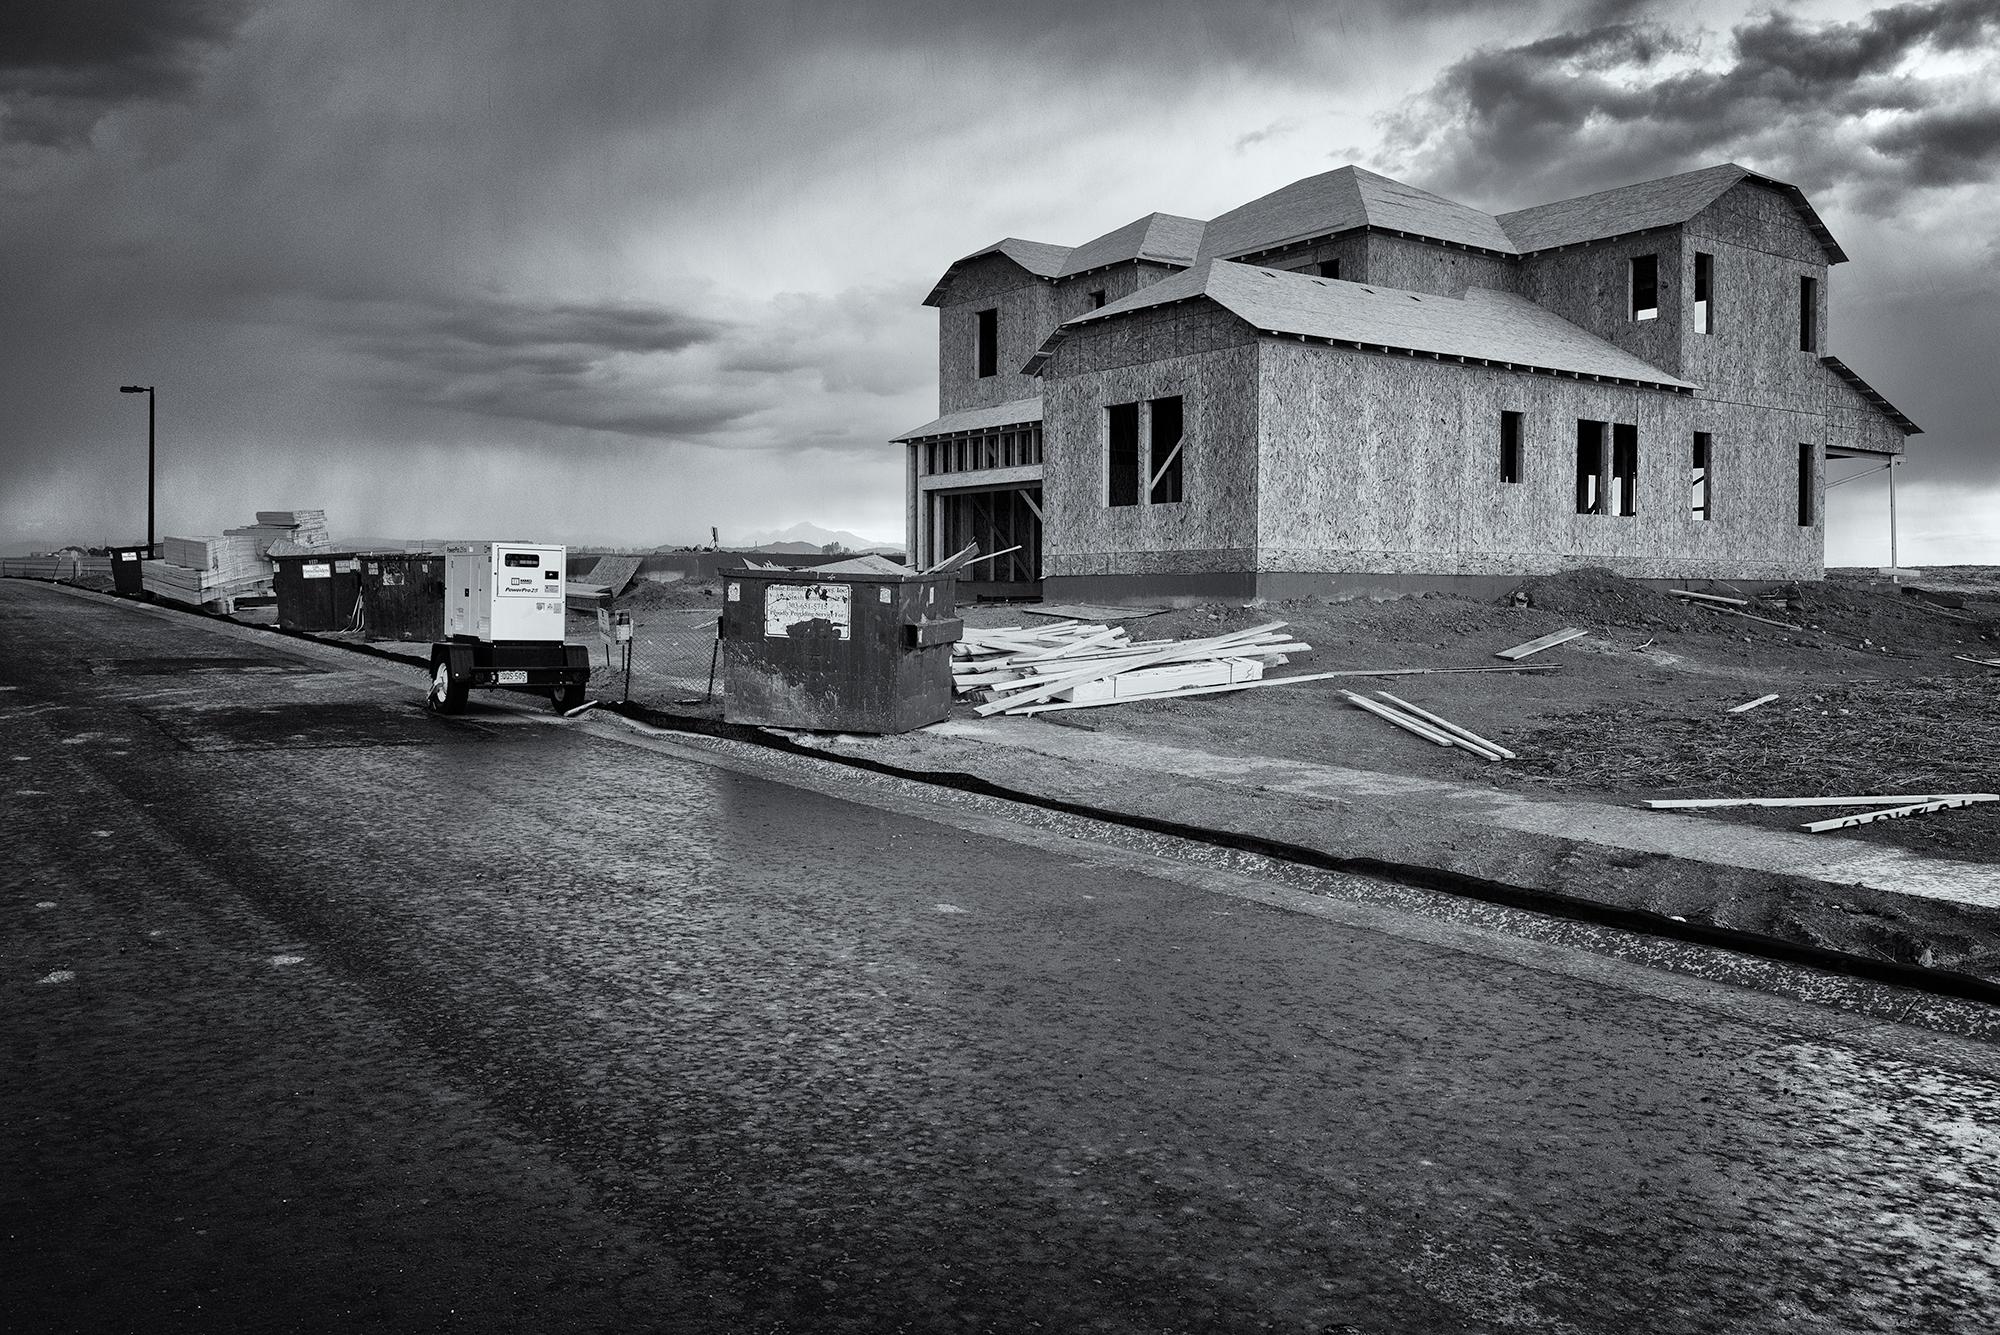 Storm on Quest Drive. Erie, Colorado, 2016